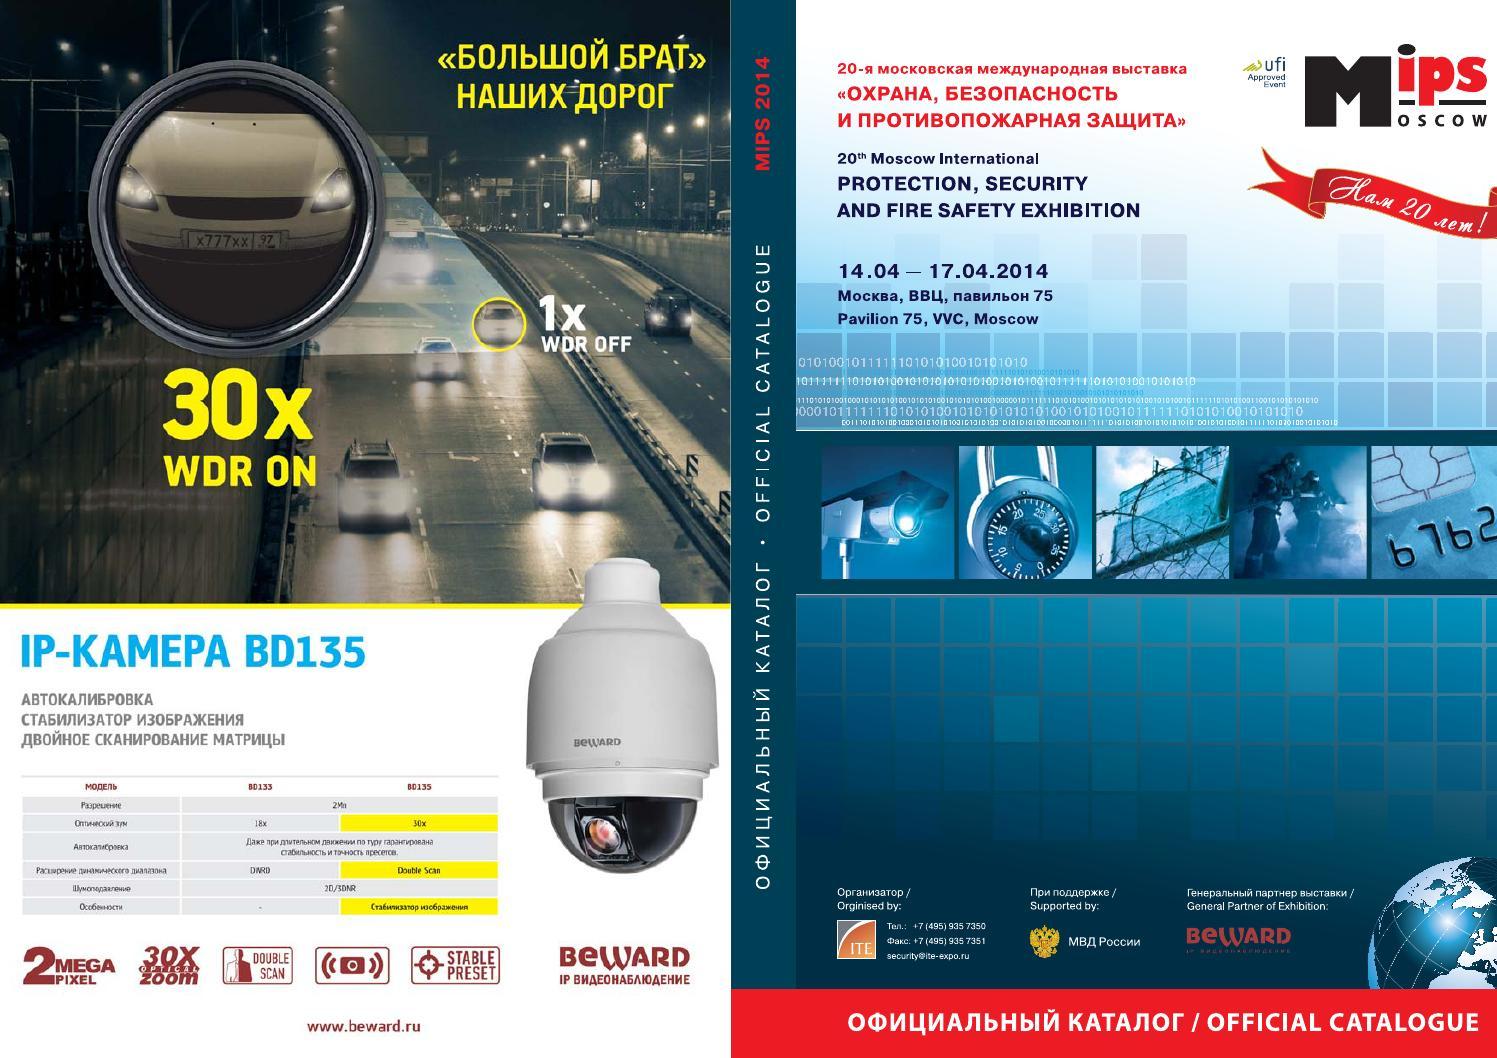 MR-501/F - Жидкость для защиты систем отопления Орёл теплообменники пластинчатые для вентиляции